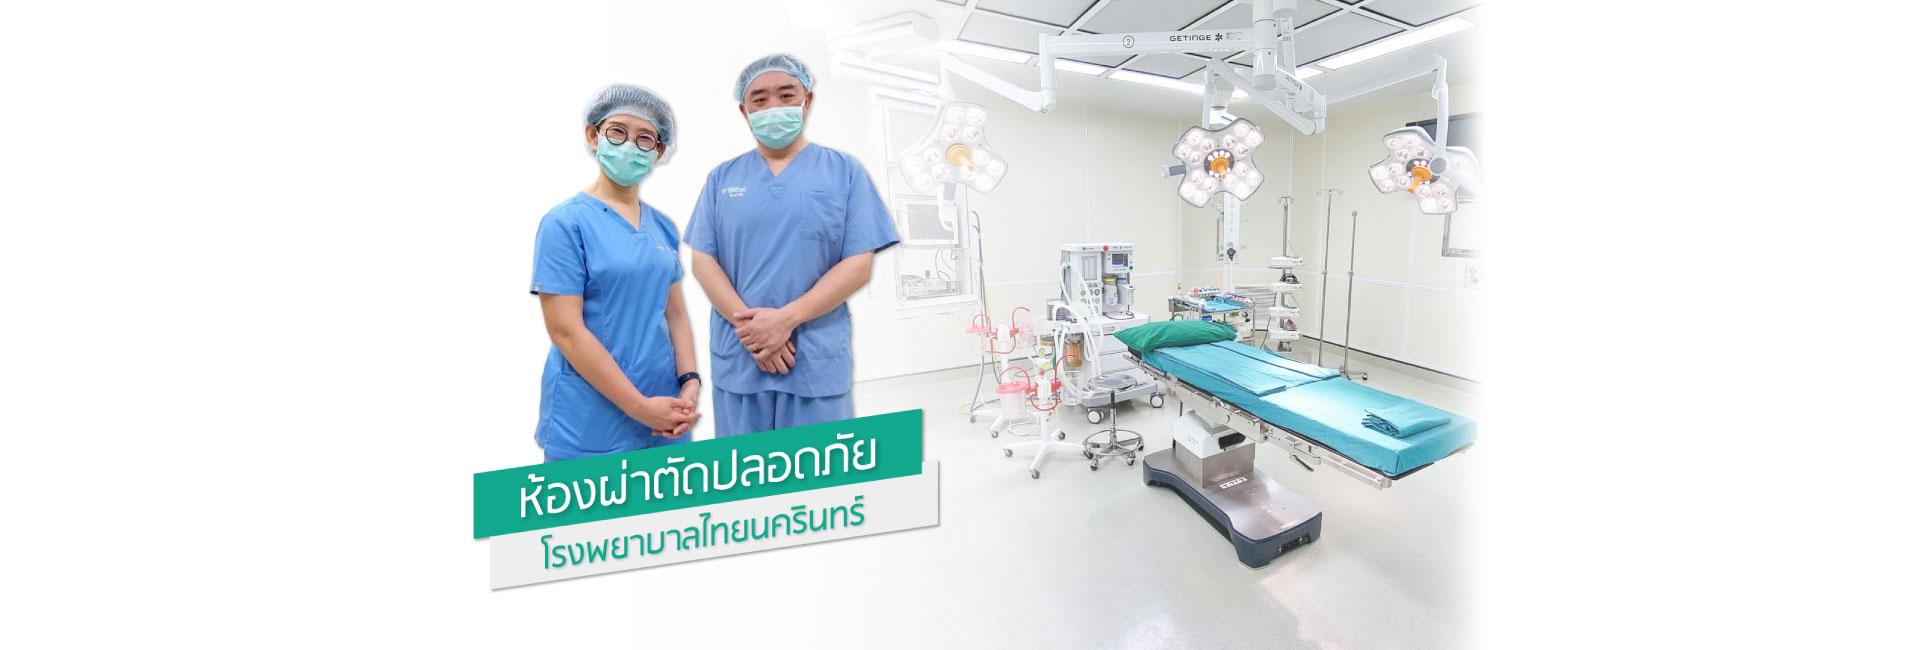 ห้องผ่าตัด